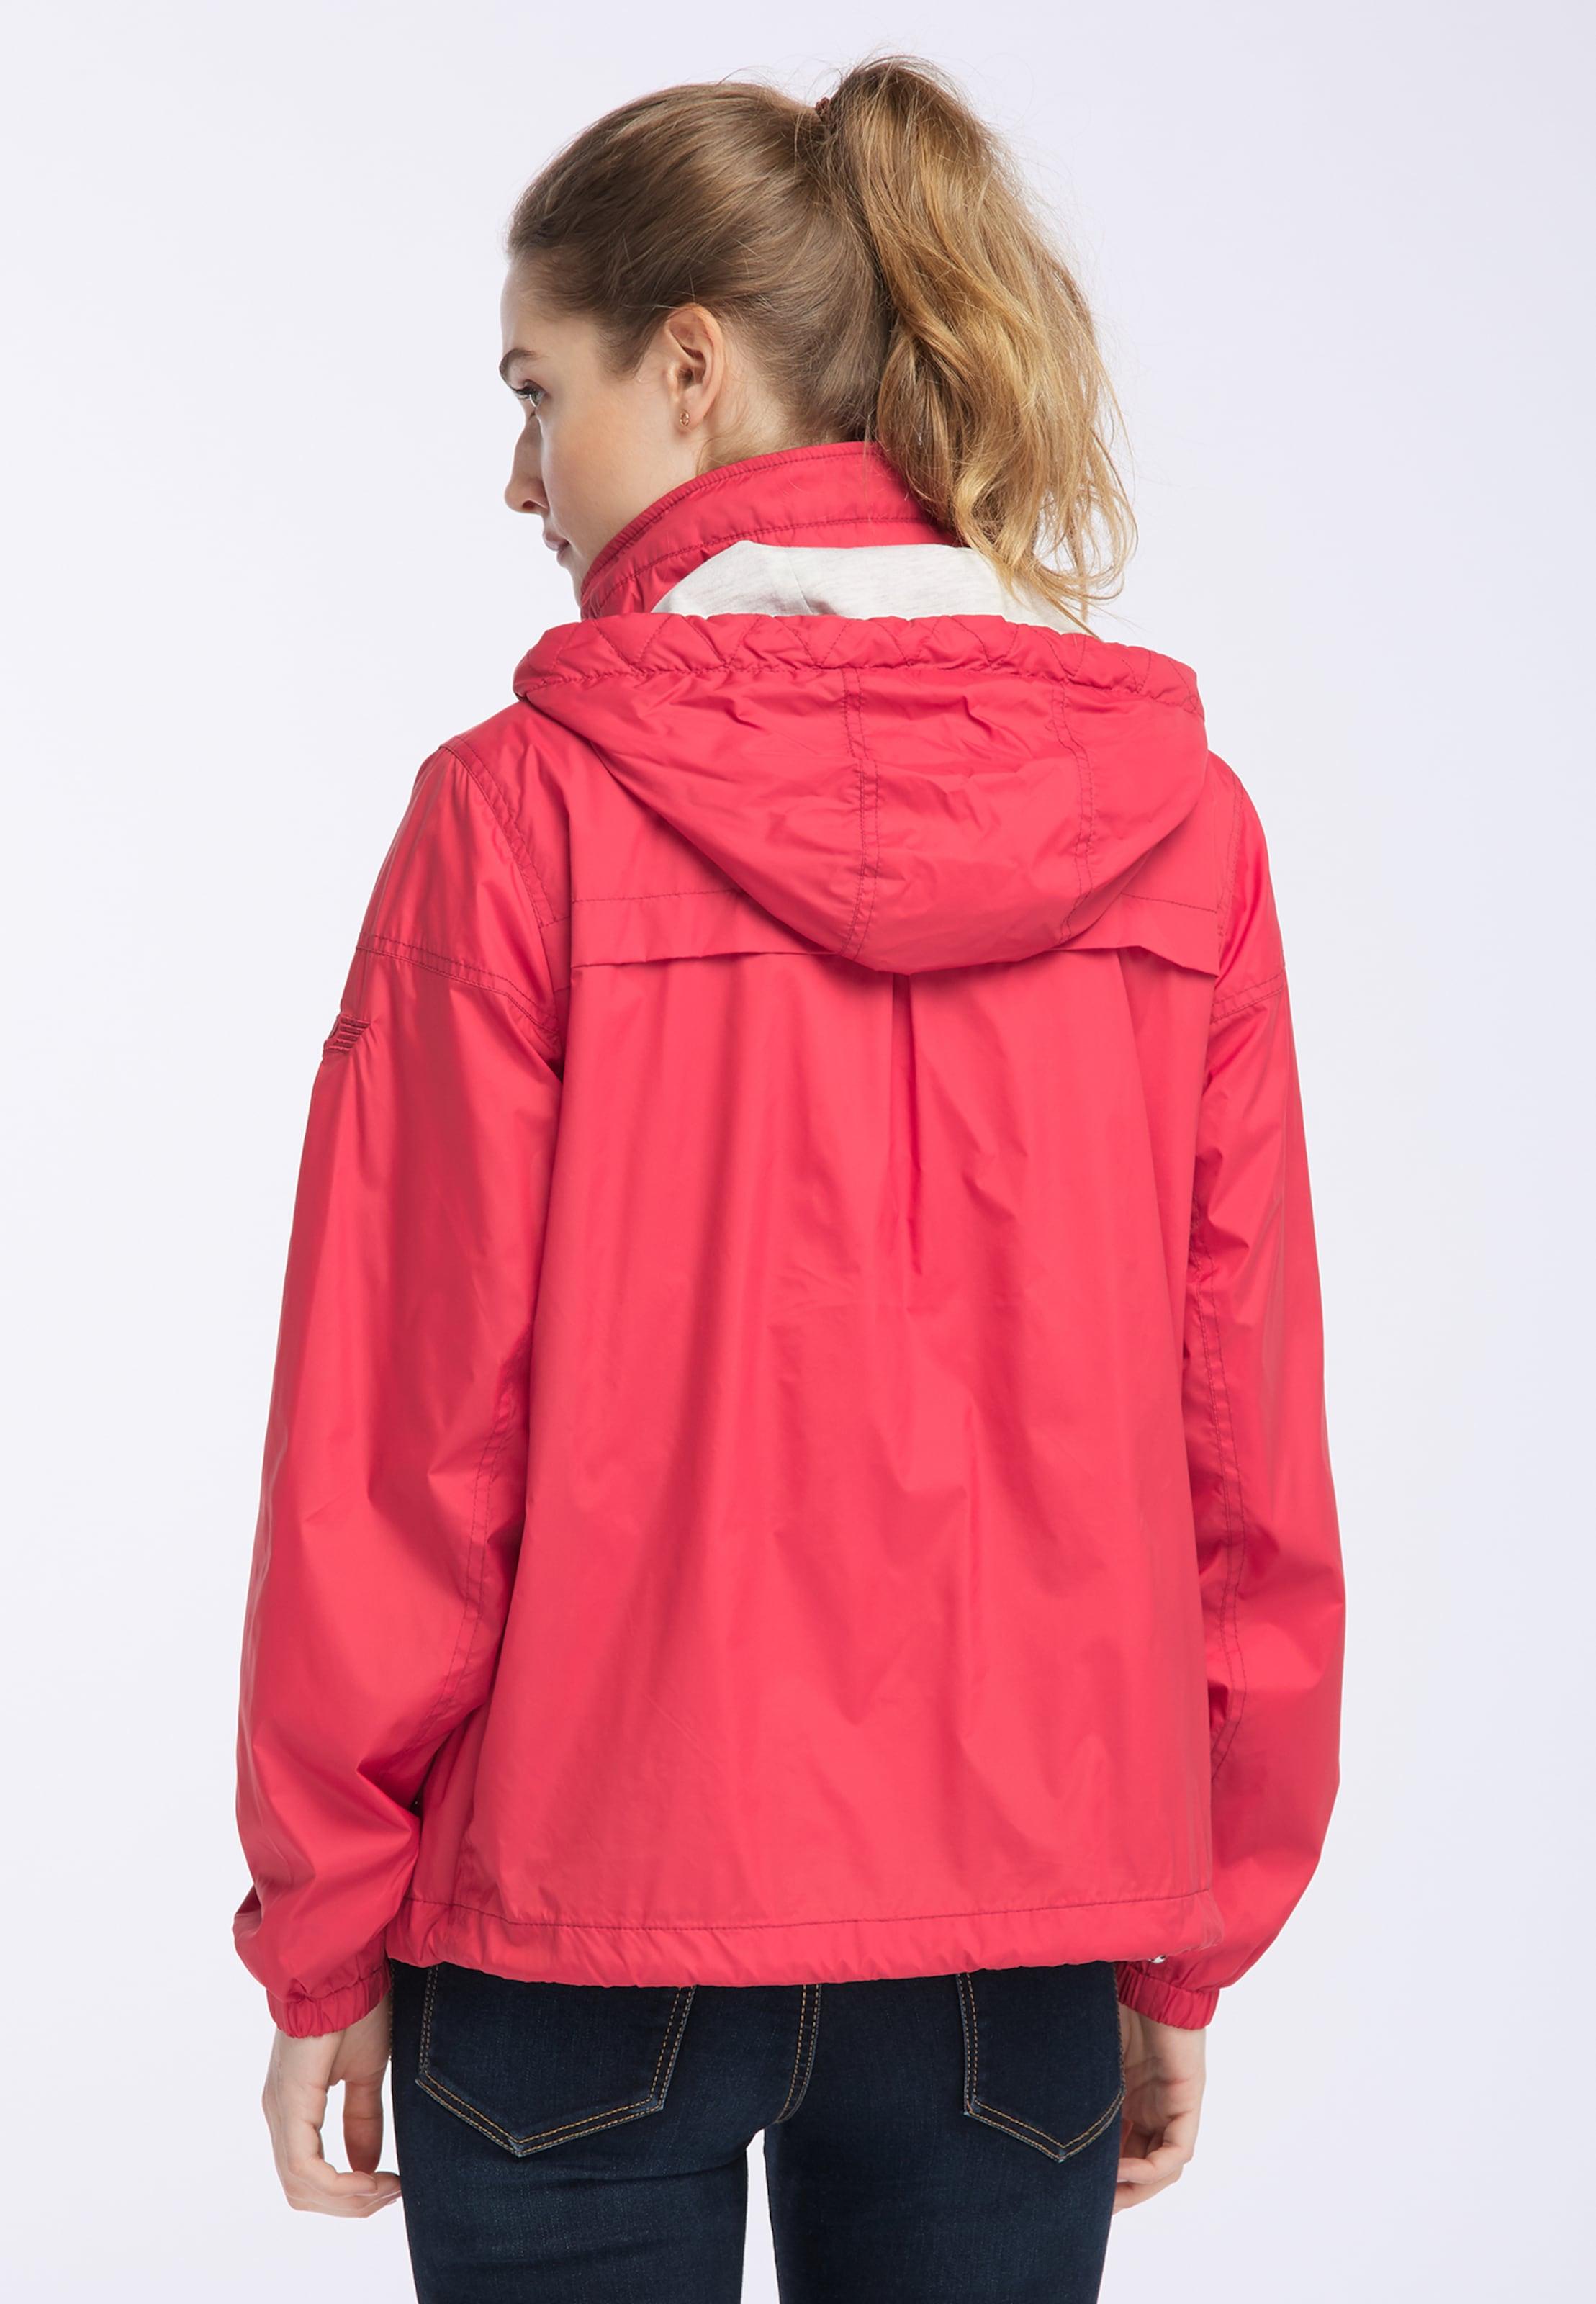 Leichte Damen Dreimaster Rot In Jacke J5K3TF1luc